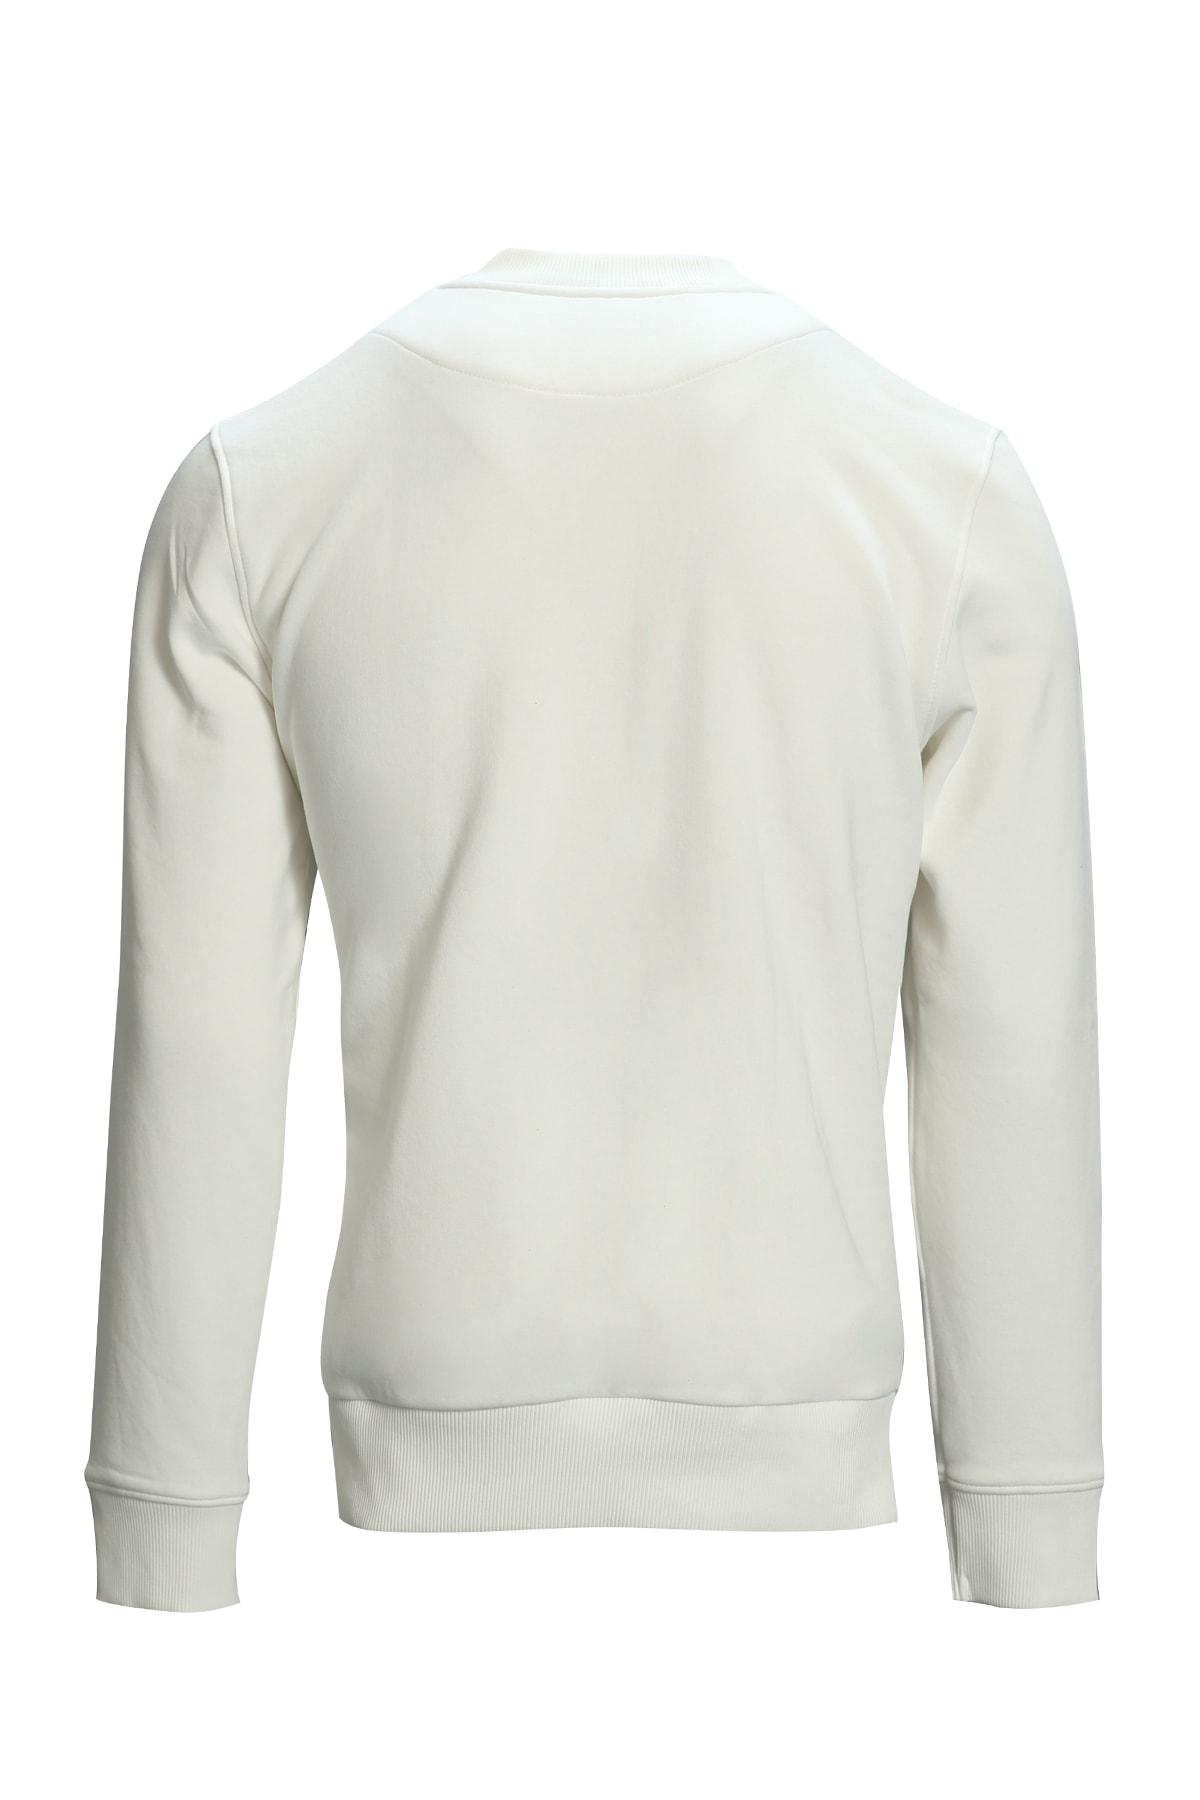 Lufian Star Sweatshirt Kırık Beyaz 2